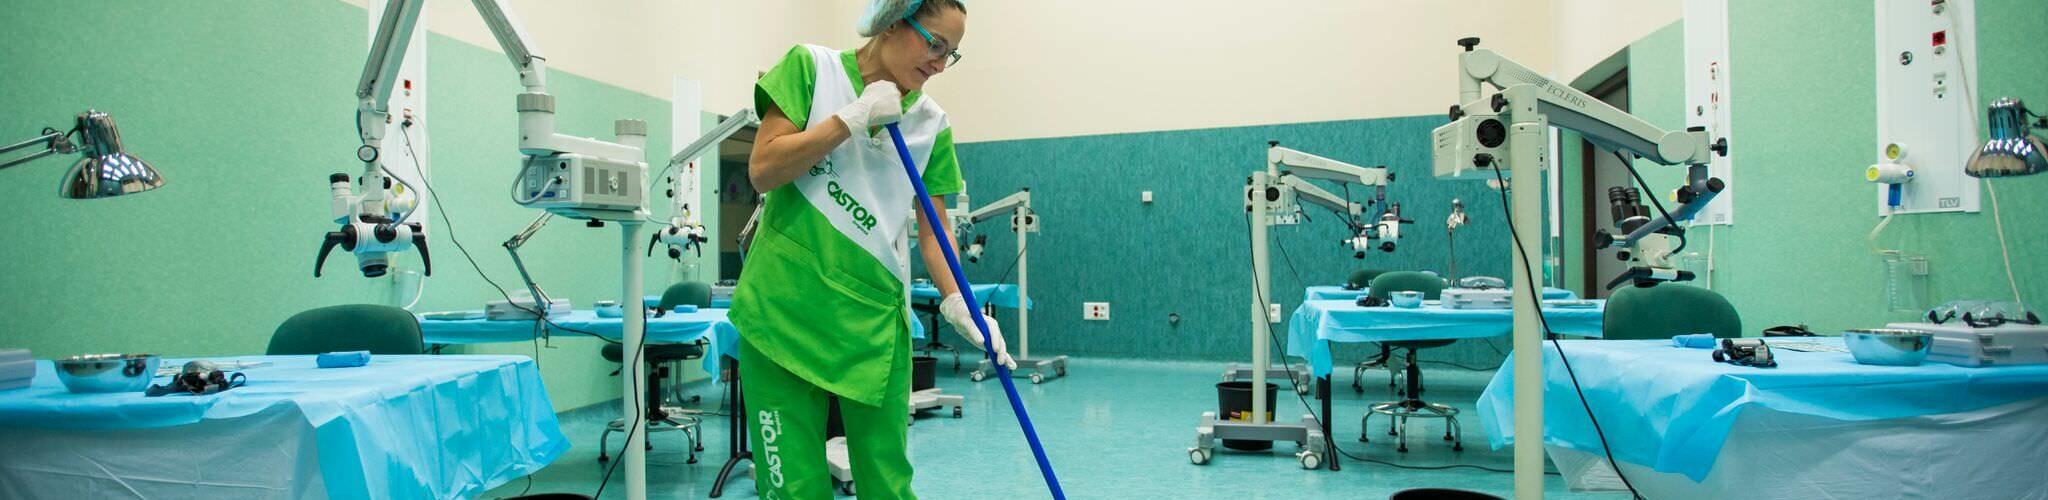 Limpiezas Castor. empresa-limpieza-almeria-2048x500 Empresa de limpieza en Almería